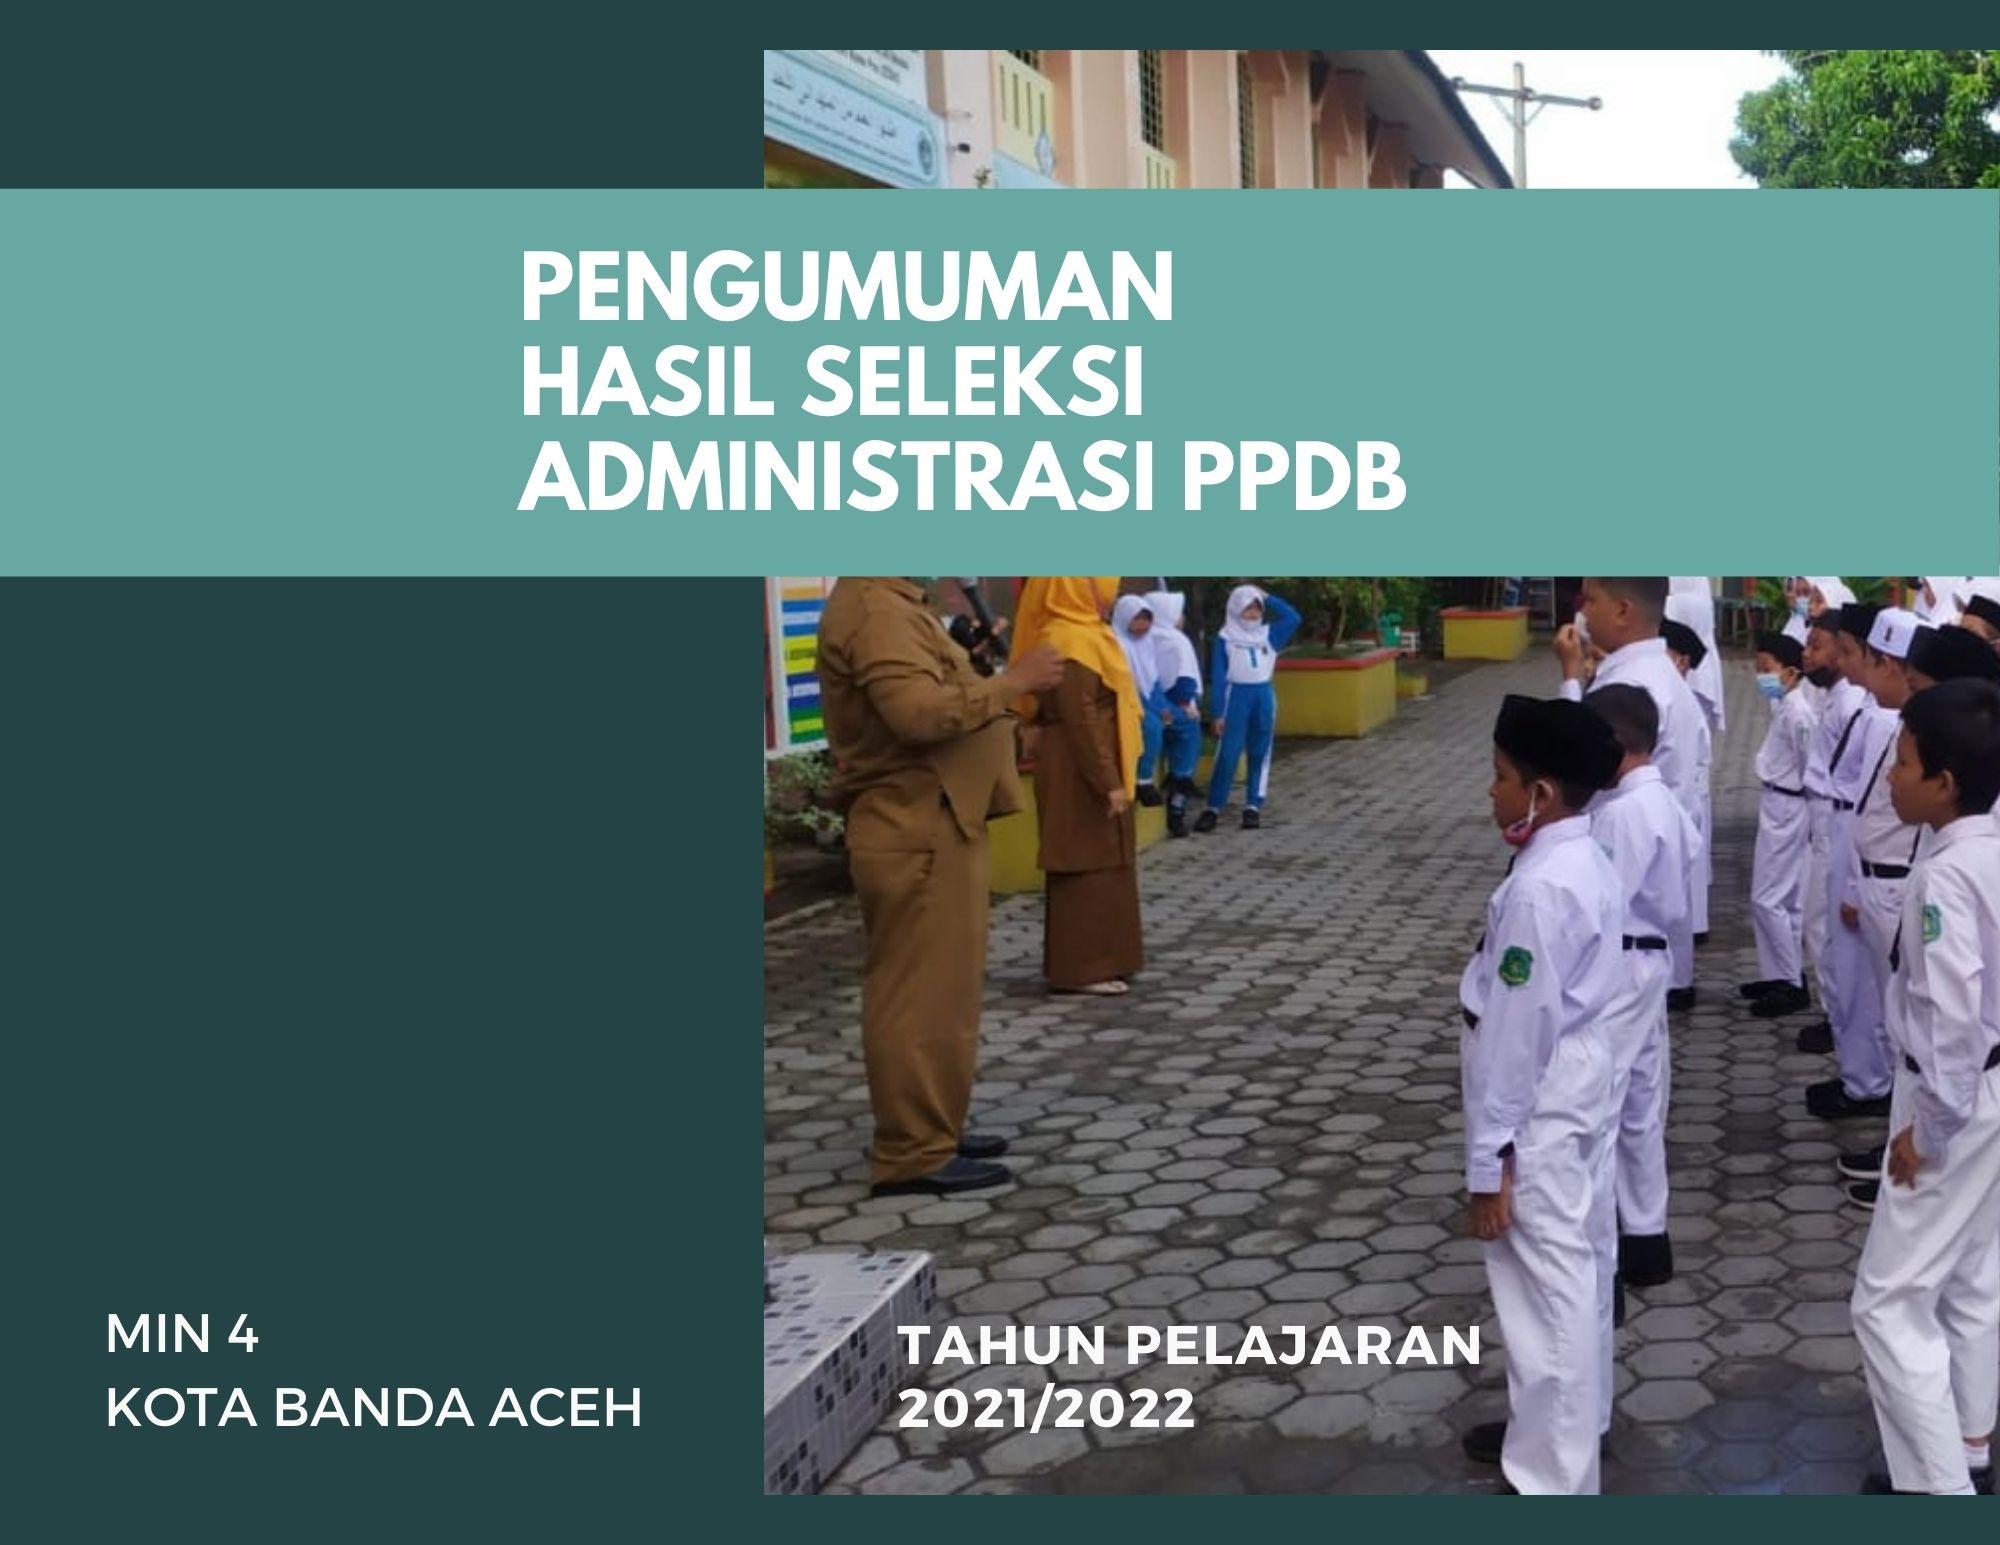 Hasil Seleksi Administrasi Ppdb Min 4 Kota Banda Aceh